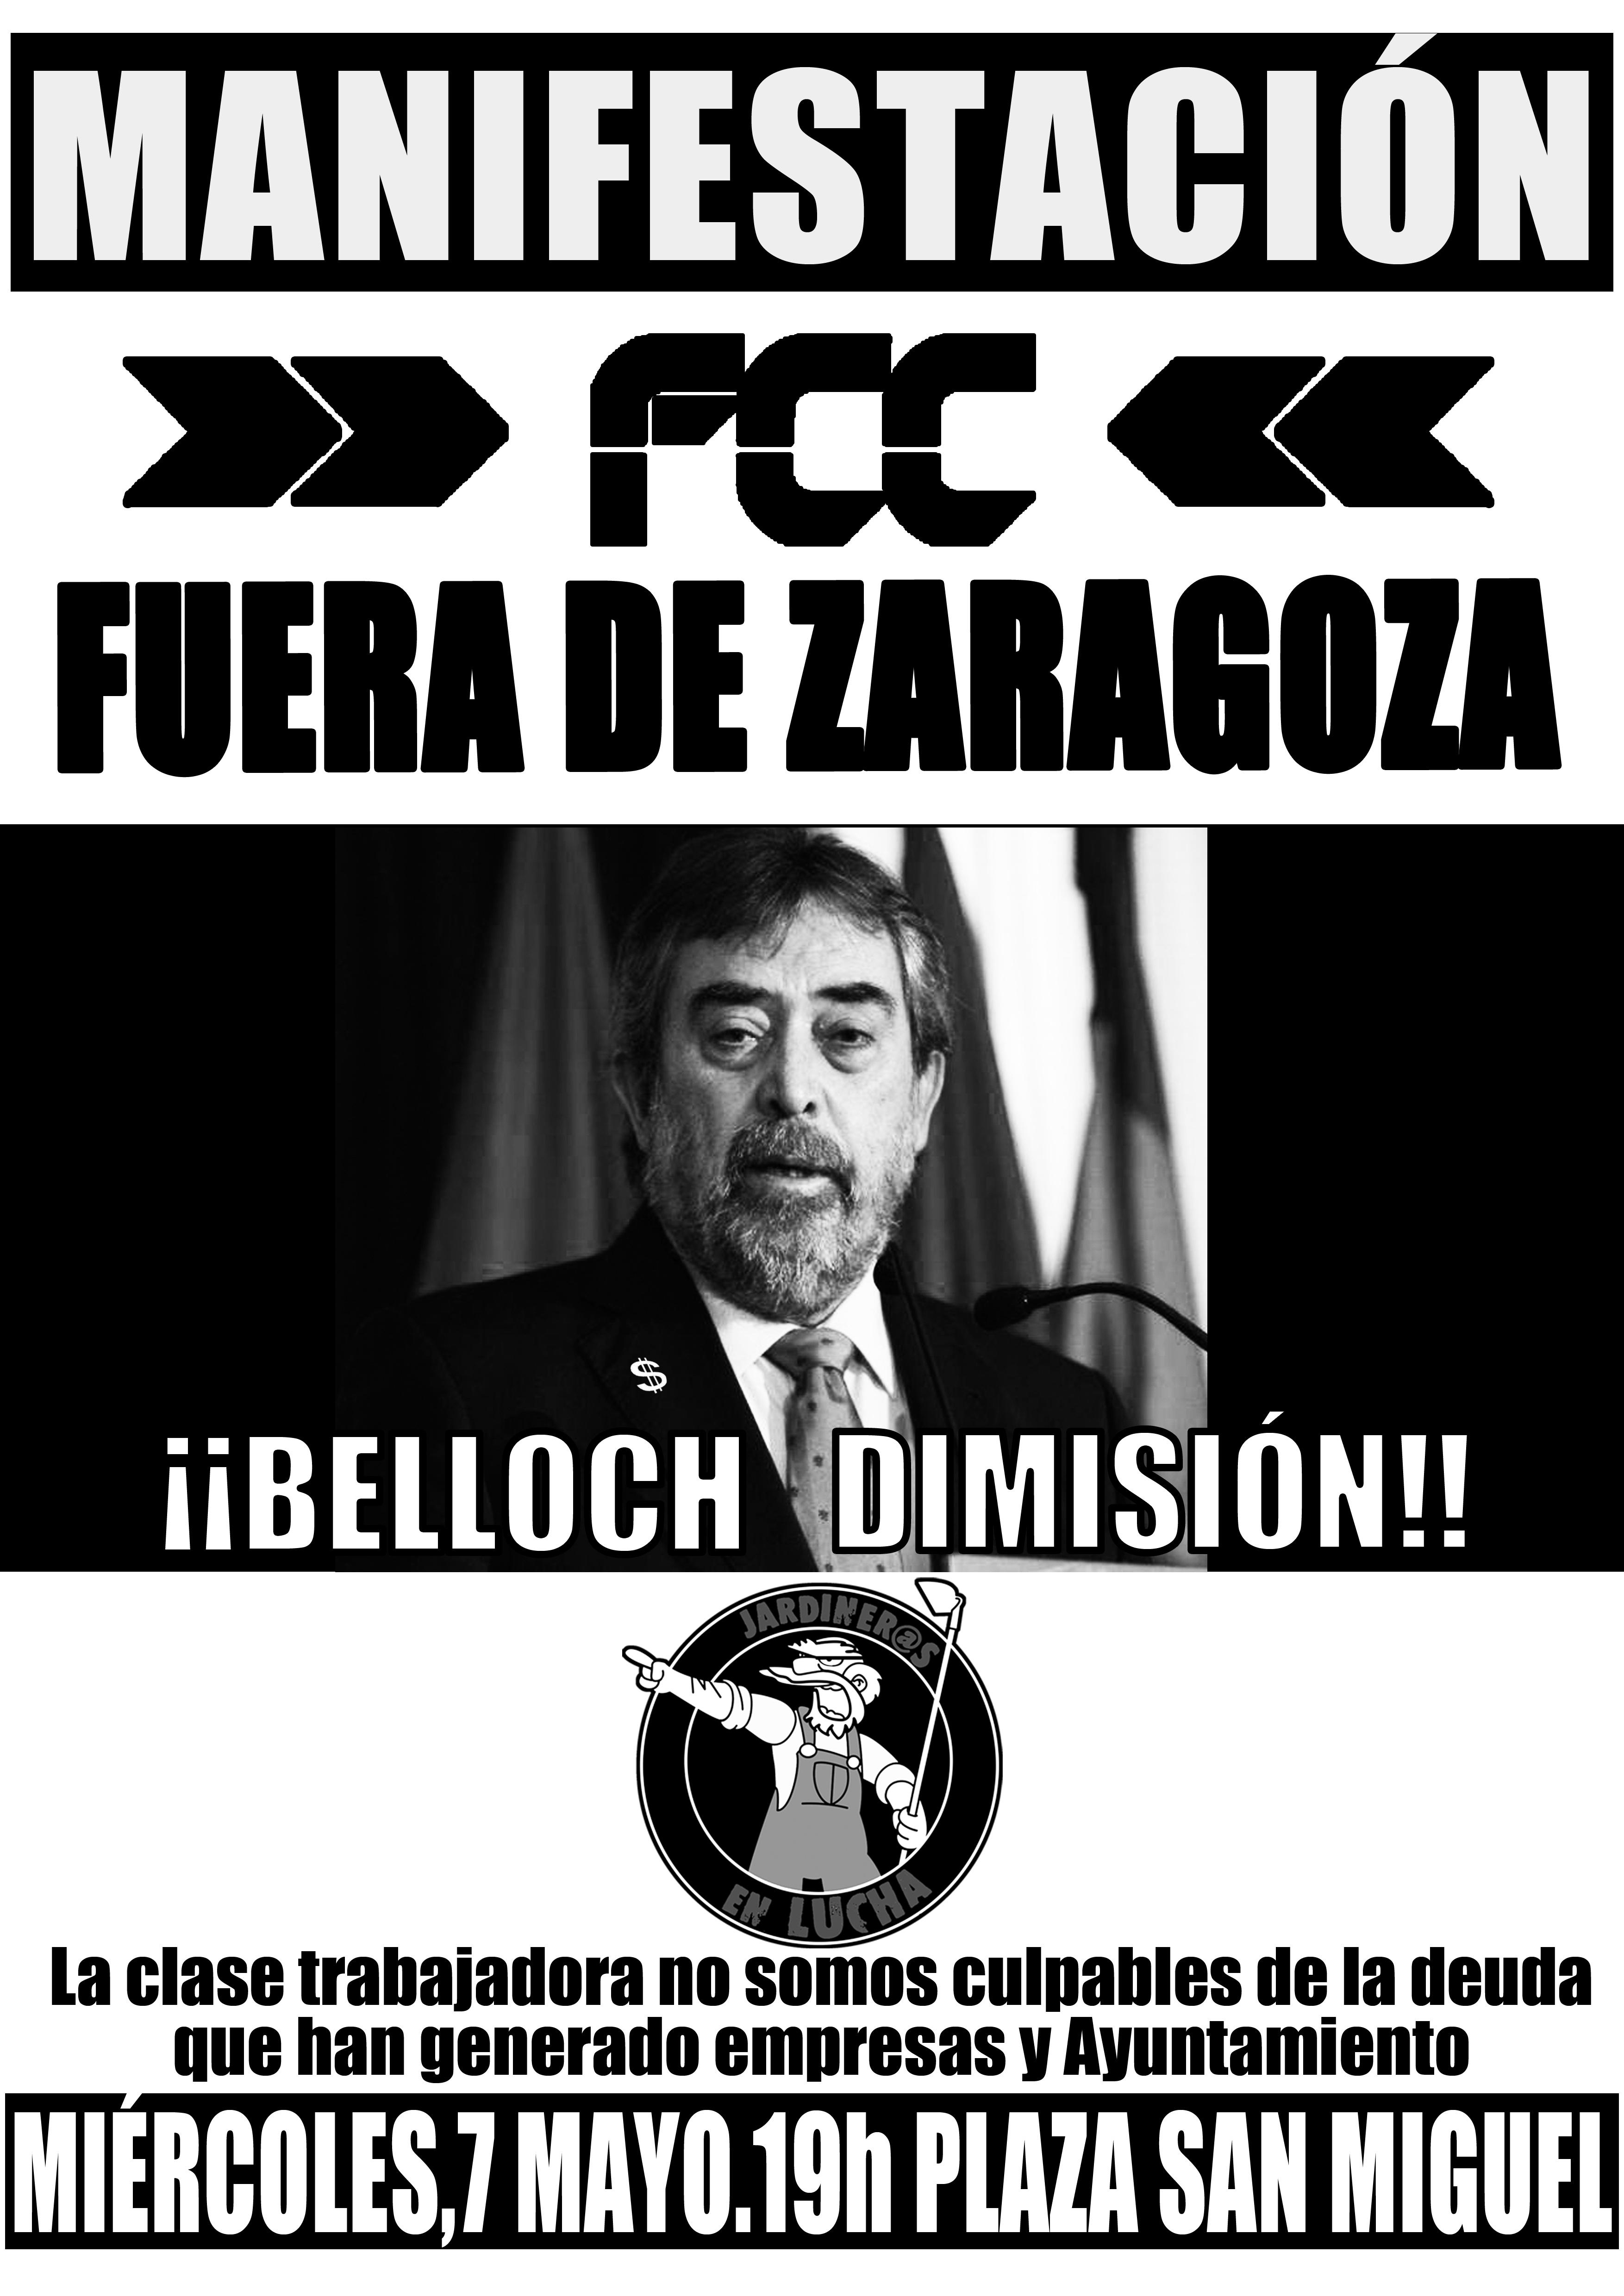 Manifestacion FCC en Zaragoza, miércoles  7 Mayo, 19 h, en Plz. San Miguel